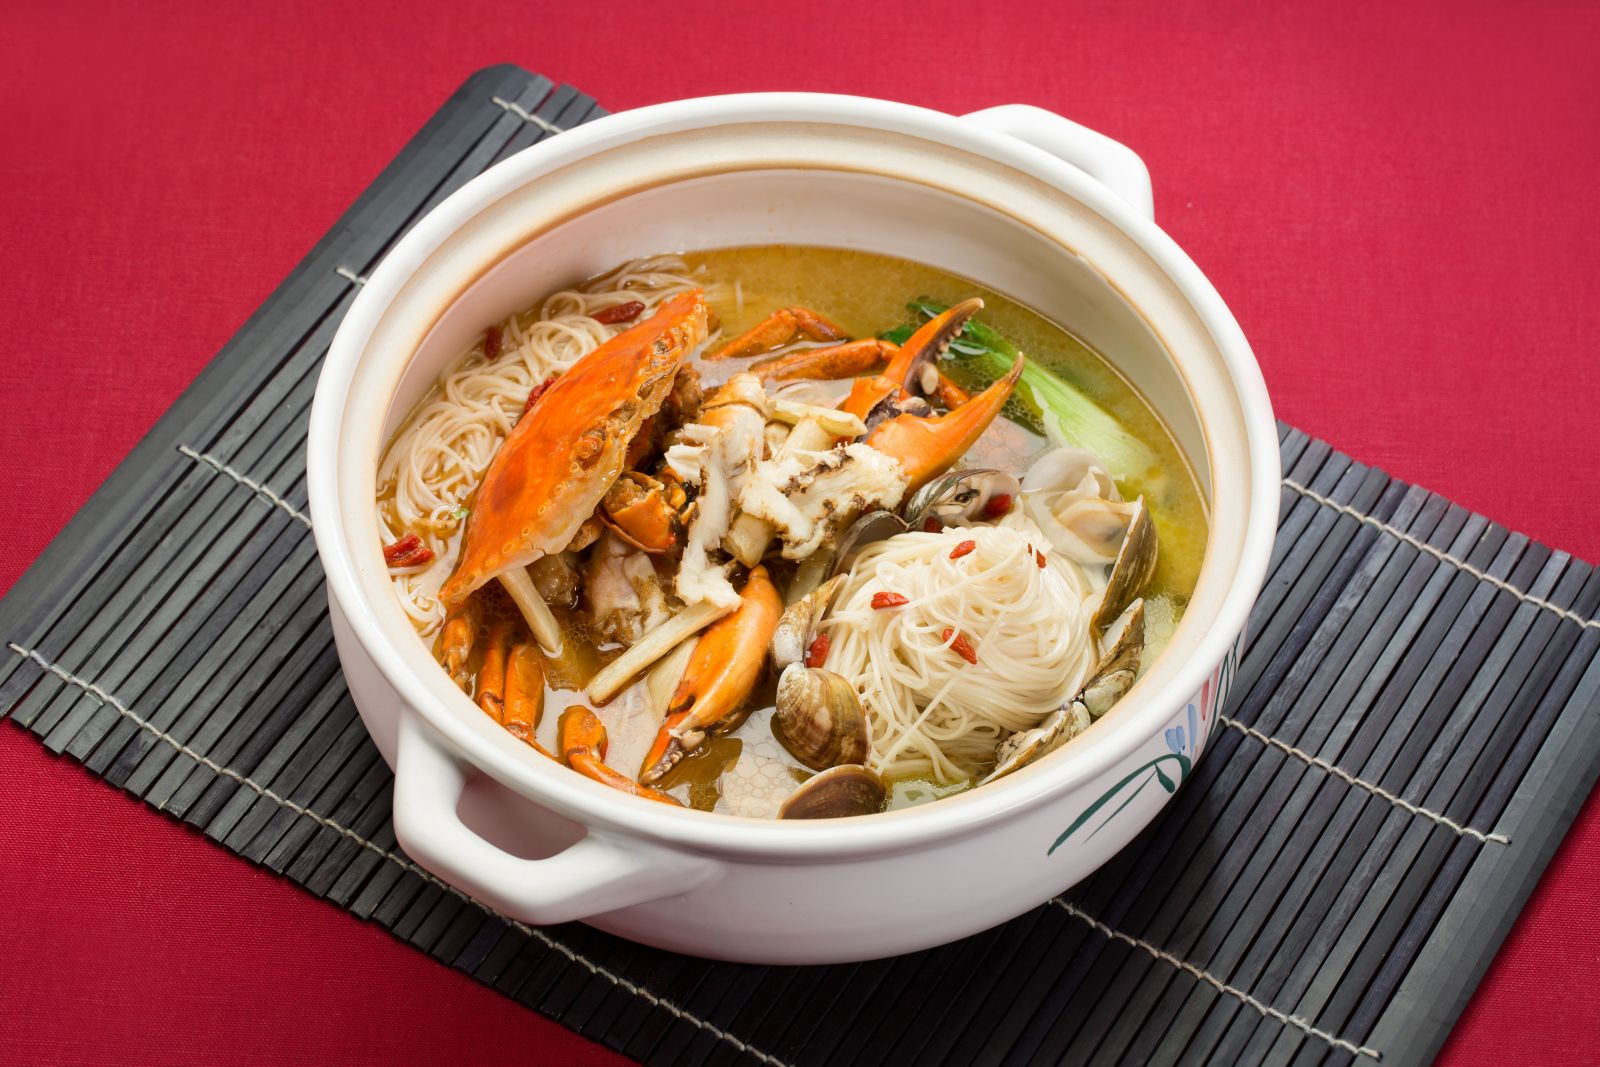 【國賓川菜廳】美味橫著走 台北國賓展開川菜大「蟹鬥」